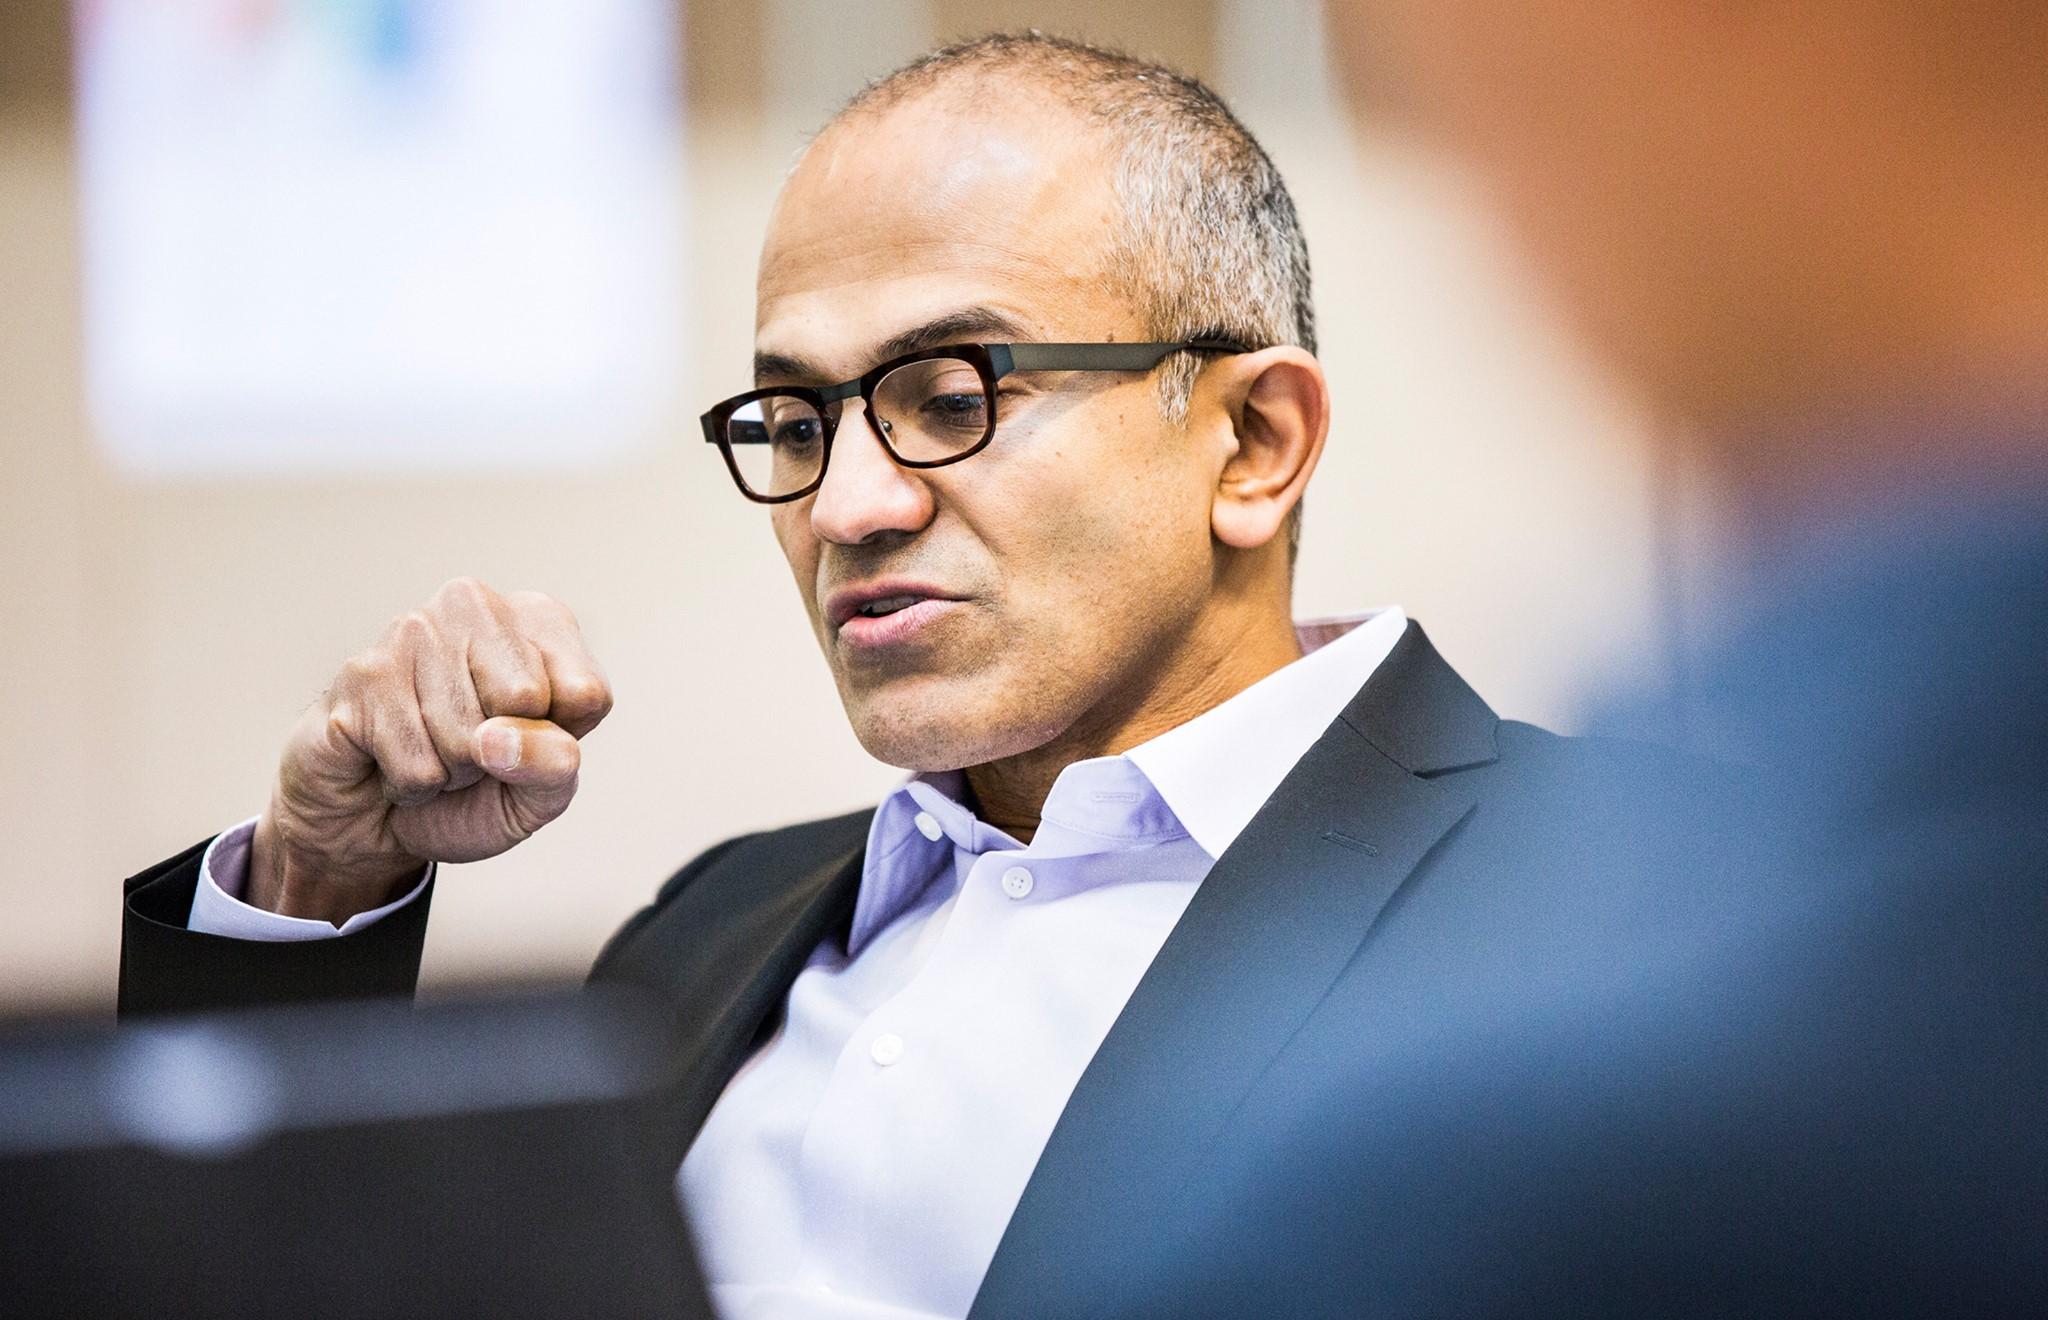 Сатья Наделла — новый босс Microsoft или почему не нужен вам Facebook